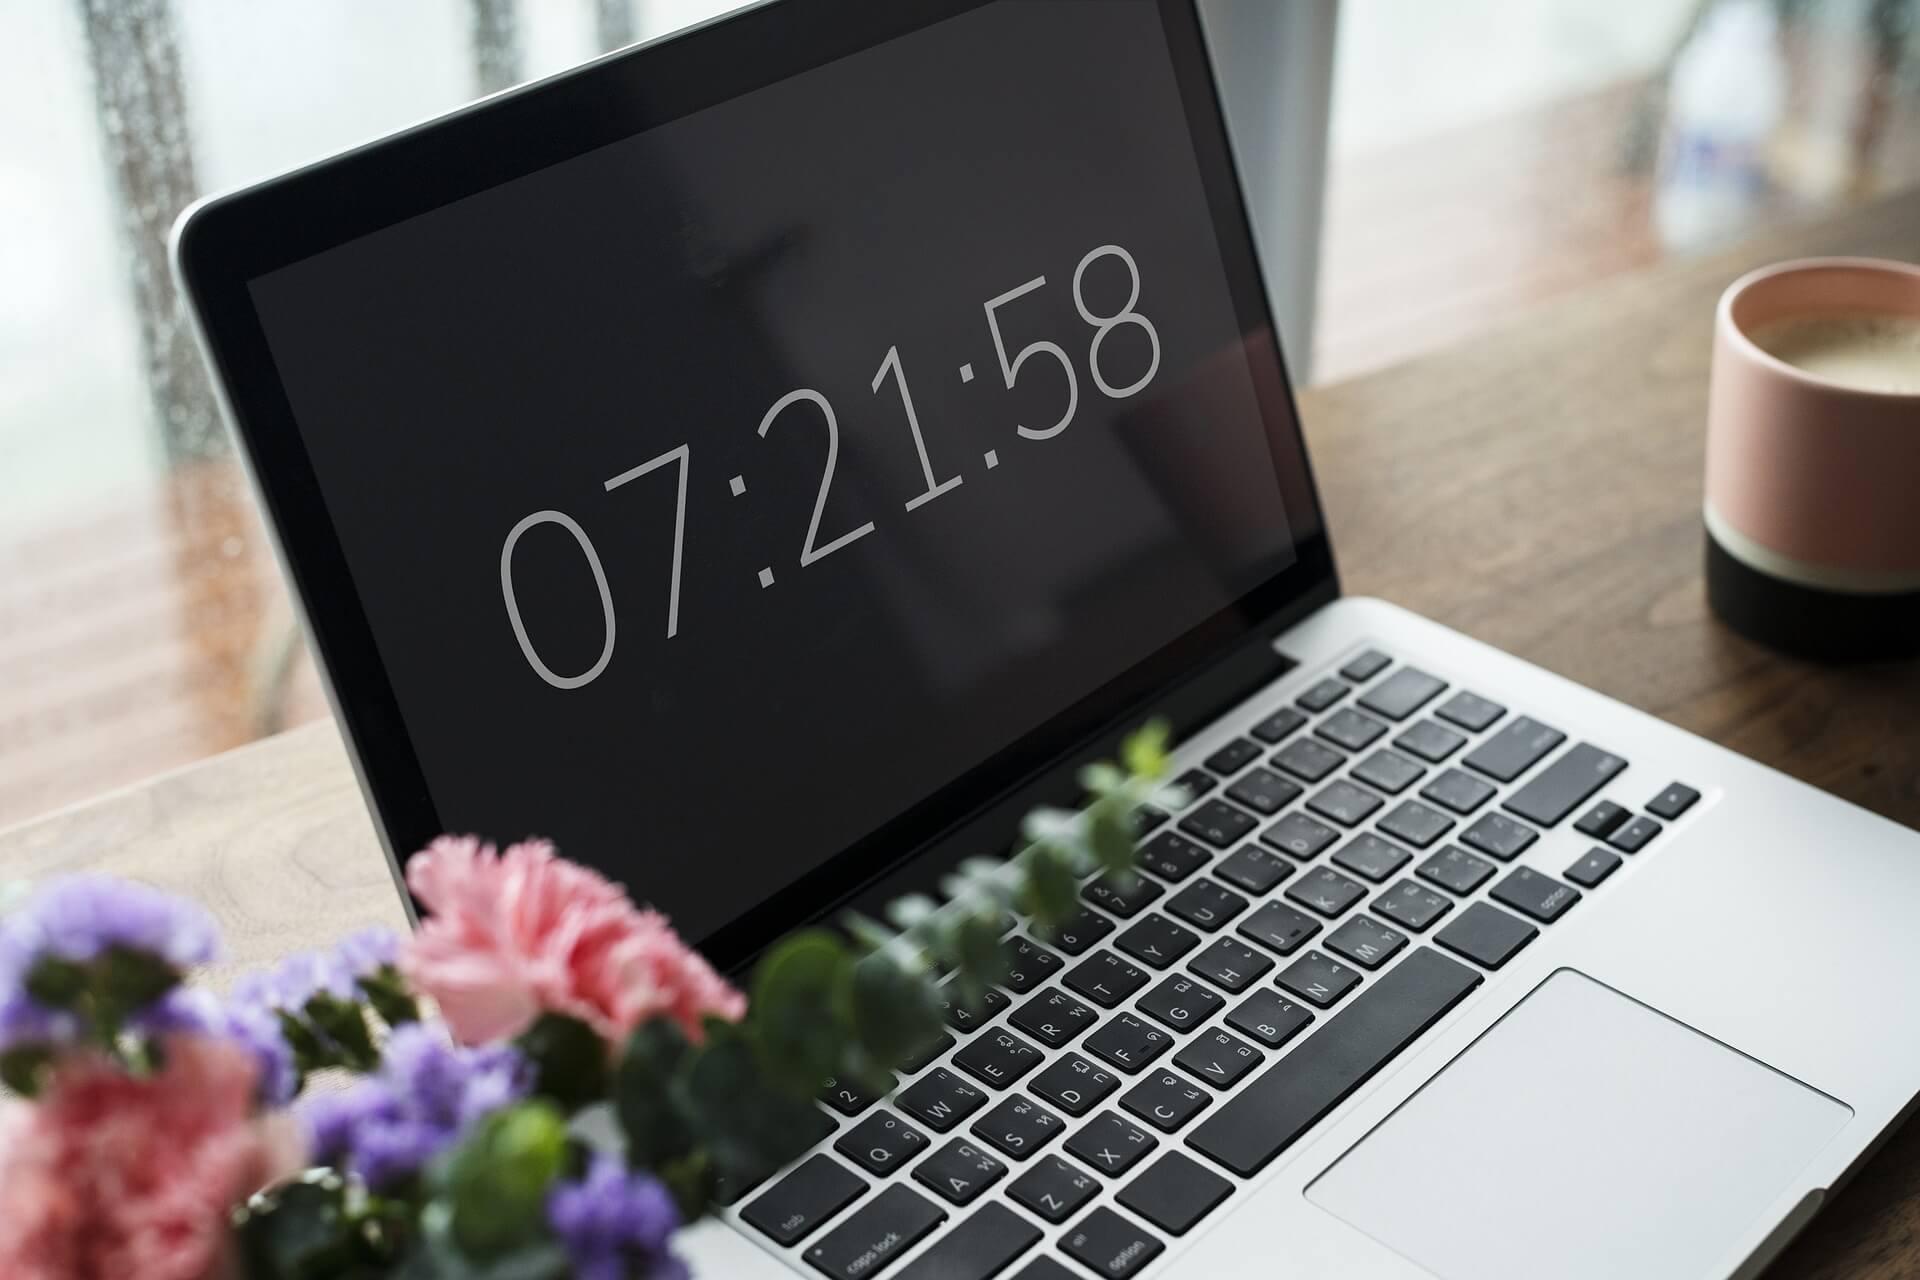 Trabajar en tiempo real es algo que se ha convertido en una labor escencial.